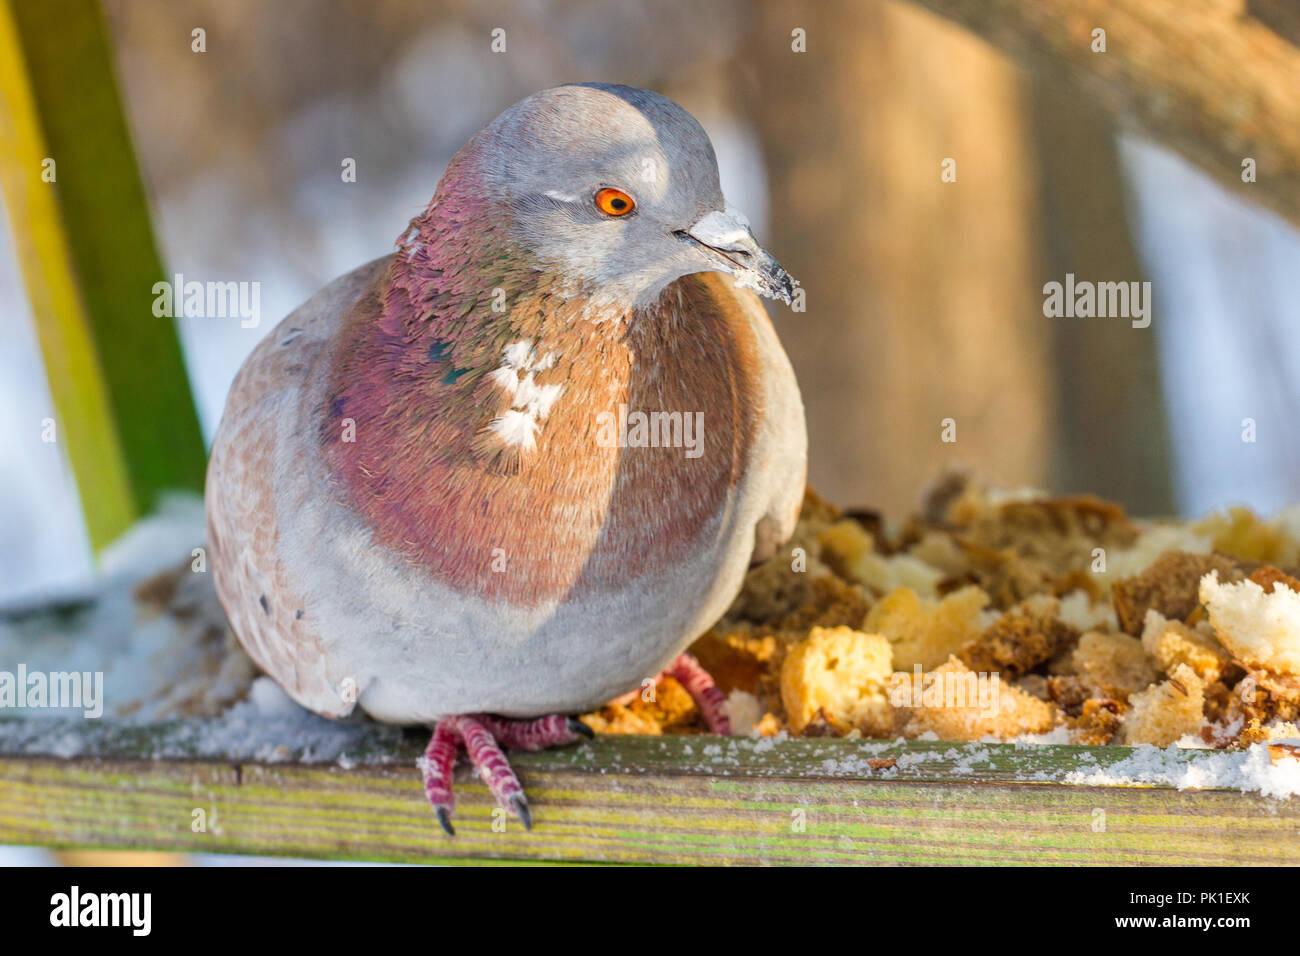 Palomas y tórtolas. Calle común aves en la ciudad. Alimentador en invierno. Imagen De Stock